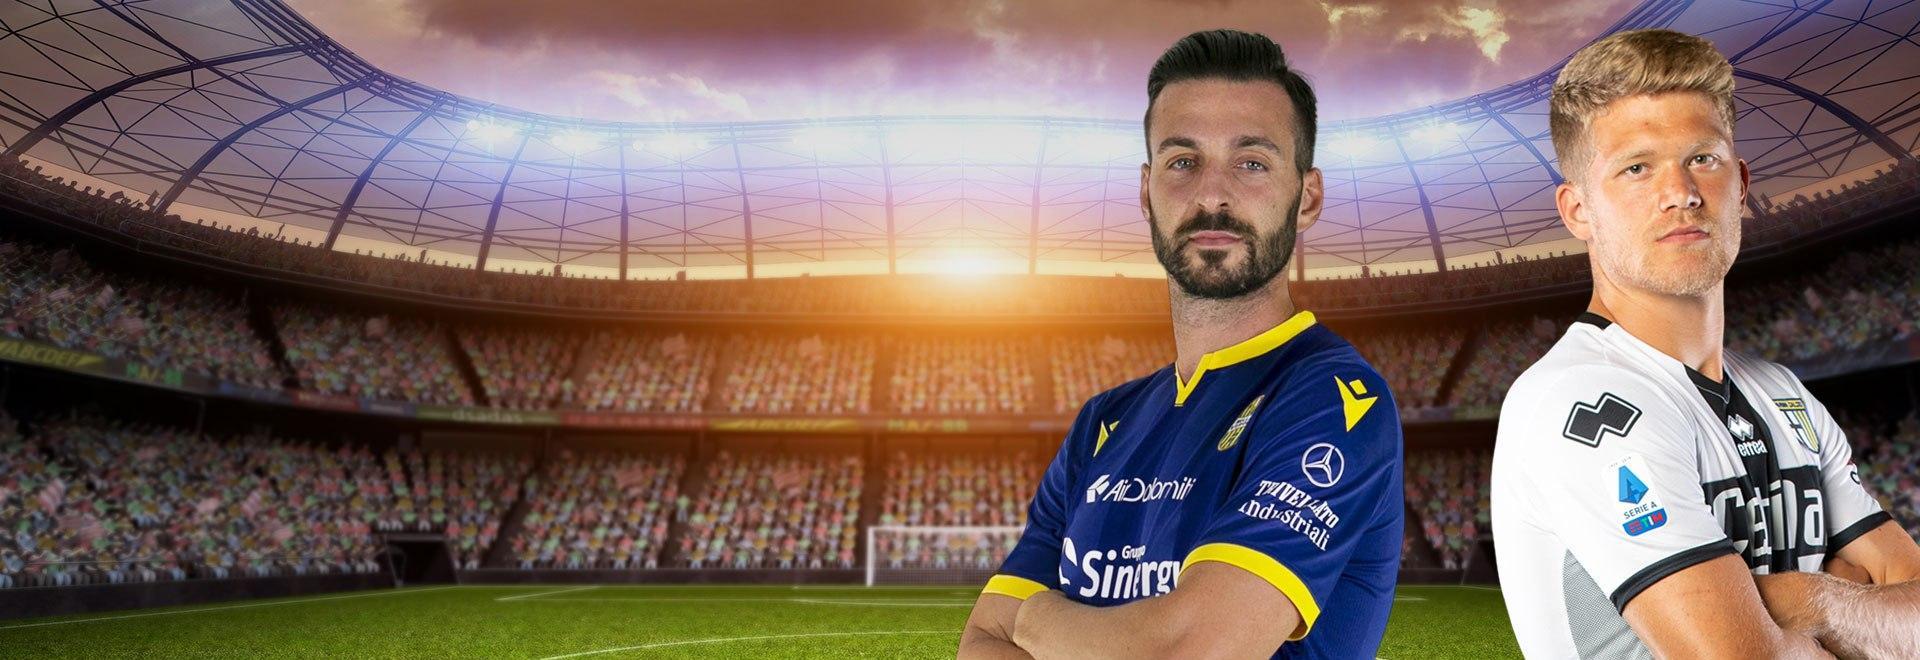 Verona - Parma. 29a g.